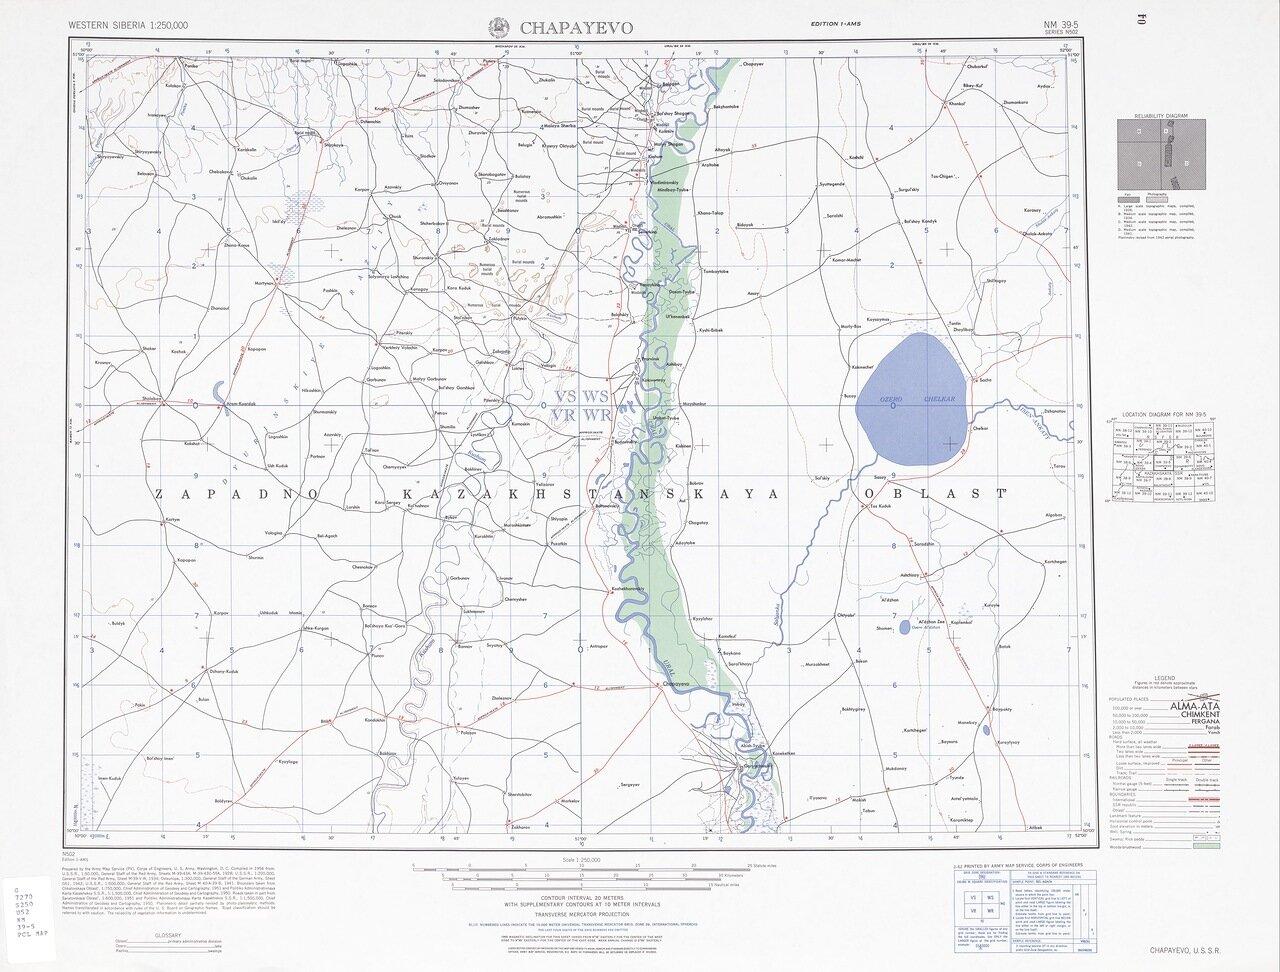 Топографические карты генштаба россии 1:100 000 1см=1км n-44-126